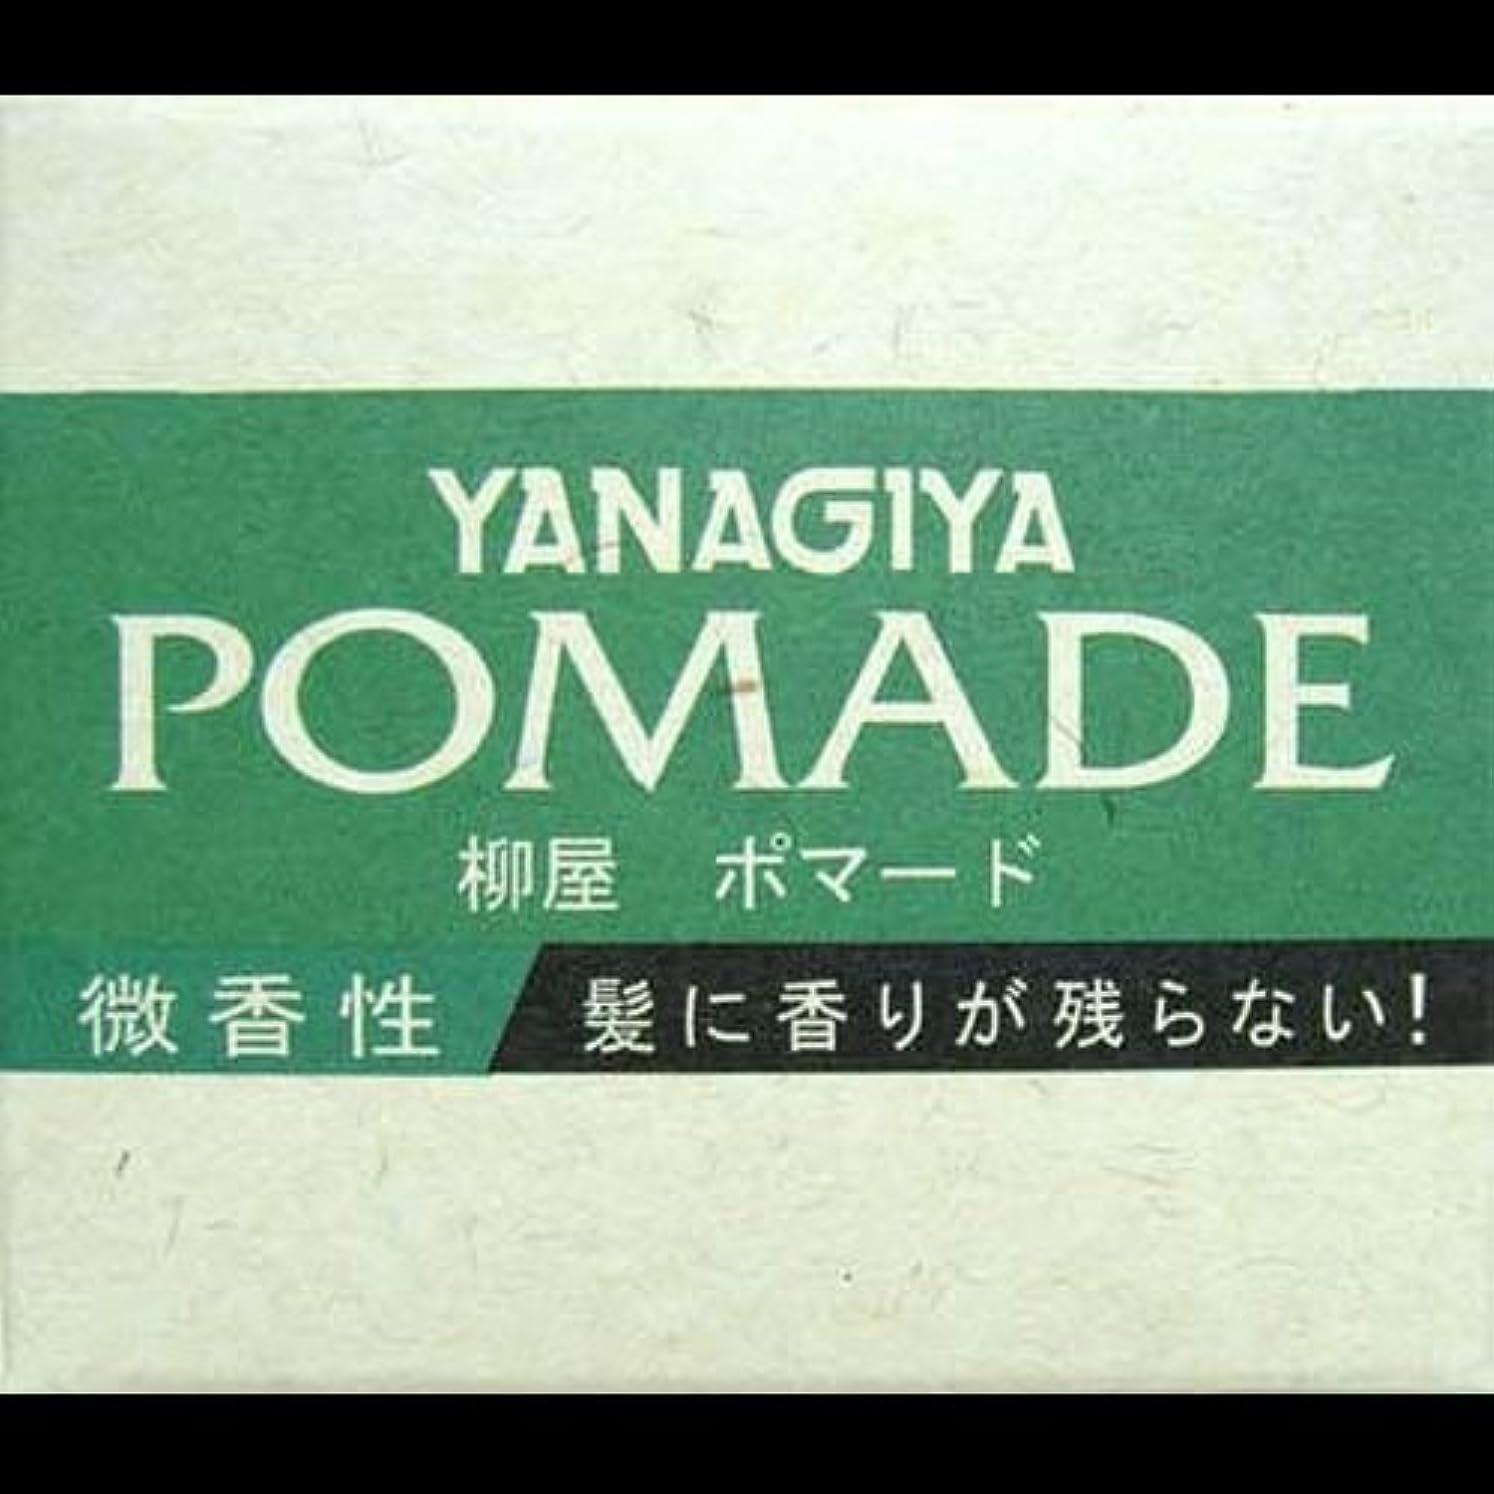 有名トランジスタギャンブル【まとめ買い】柳屋 ポマード微香性120g ×2セット